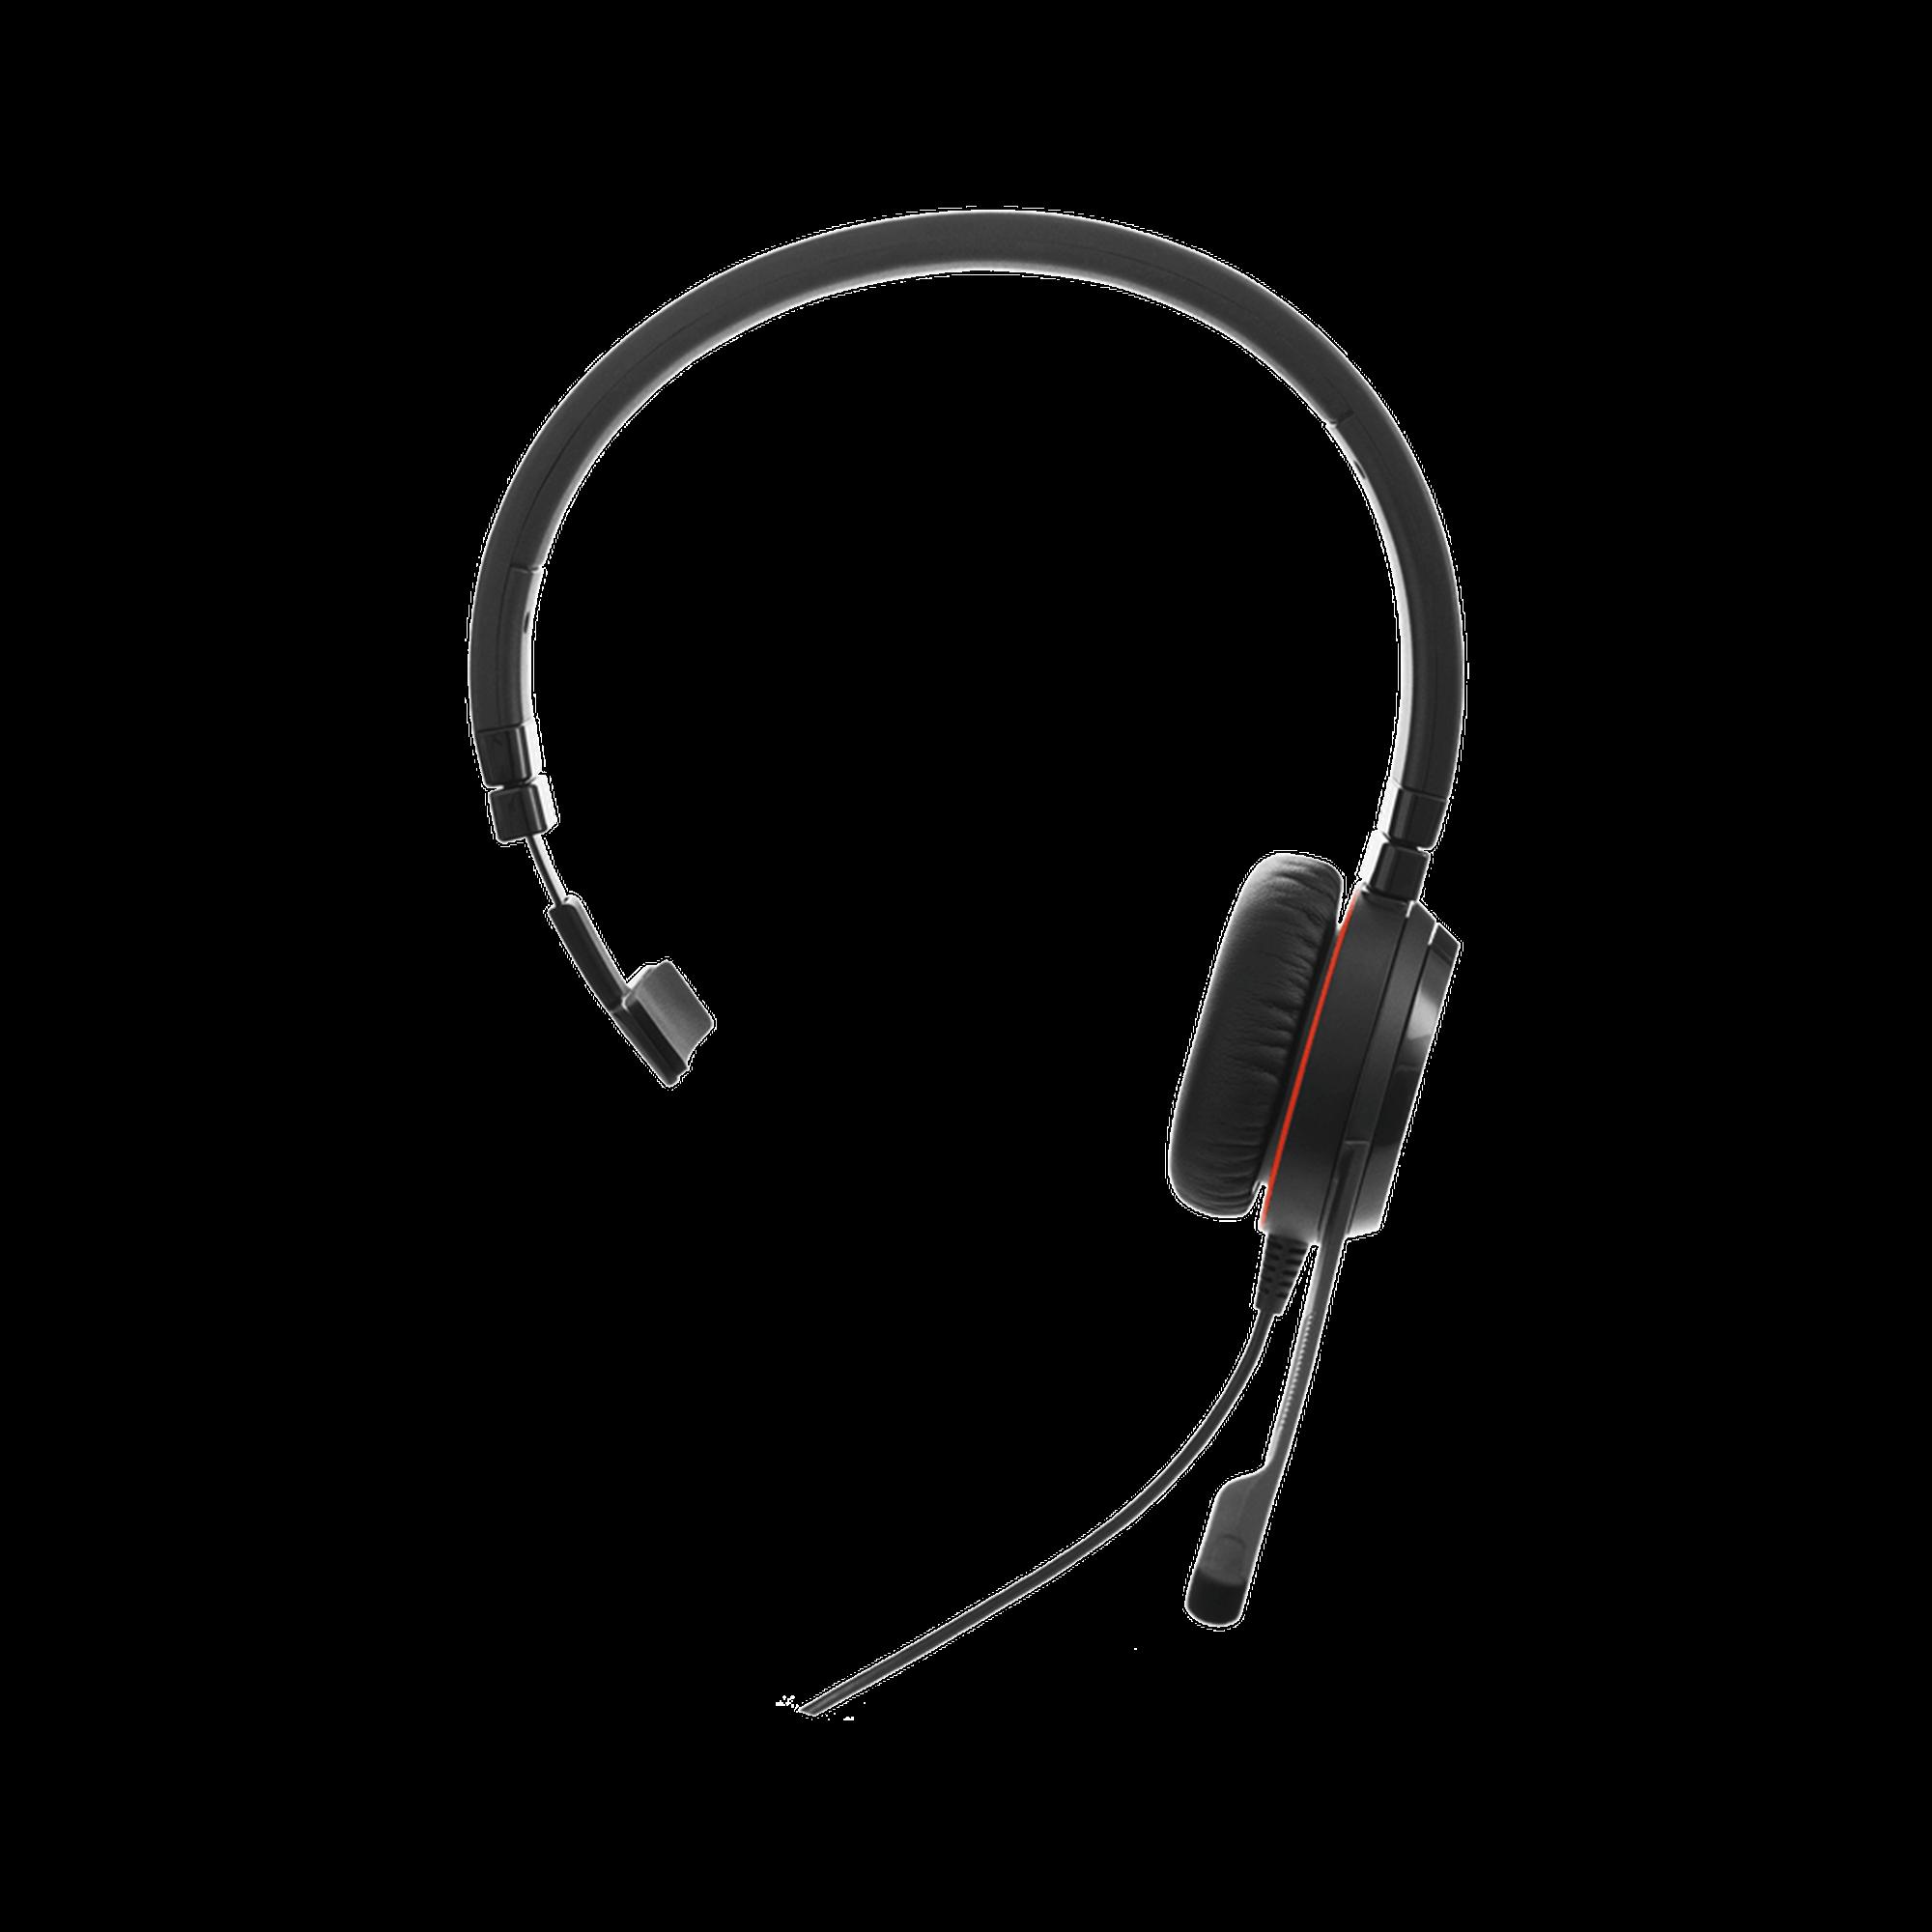 Jabra Evolve 30 Mono con conexion USB / 3.5mm, microfono con cancelacion de ruido y controlador en el cable con botones e indicadores LED (5393-829-309)